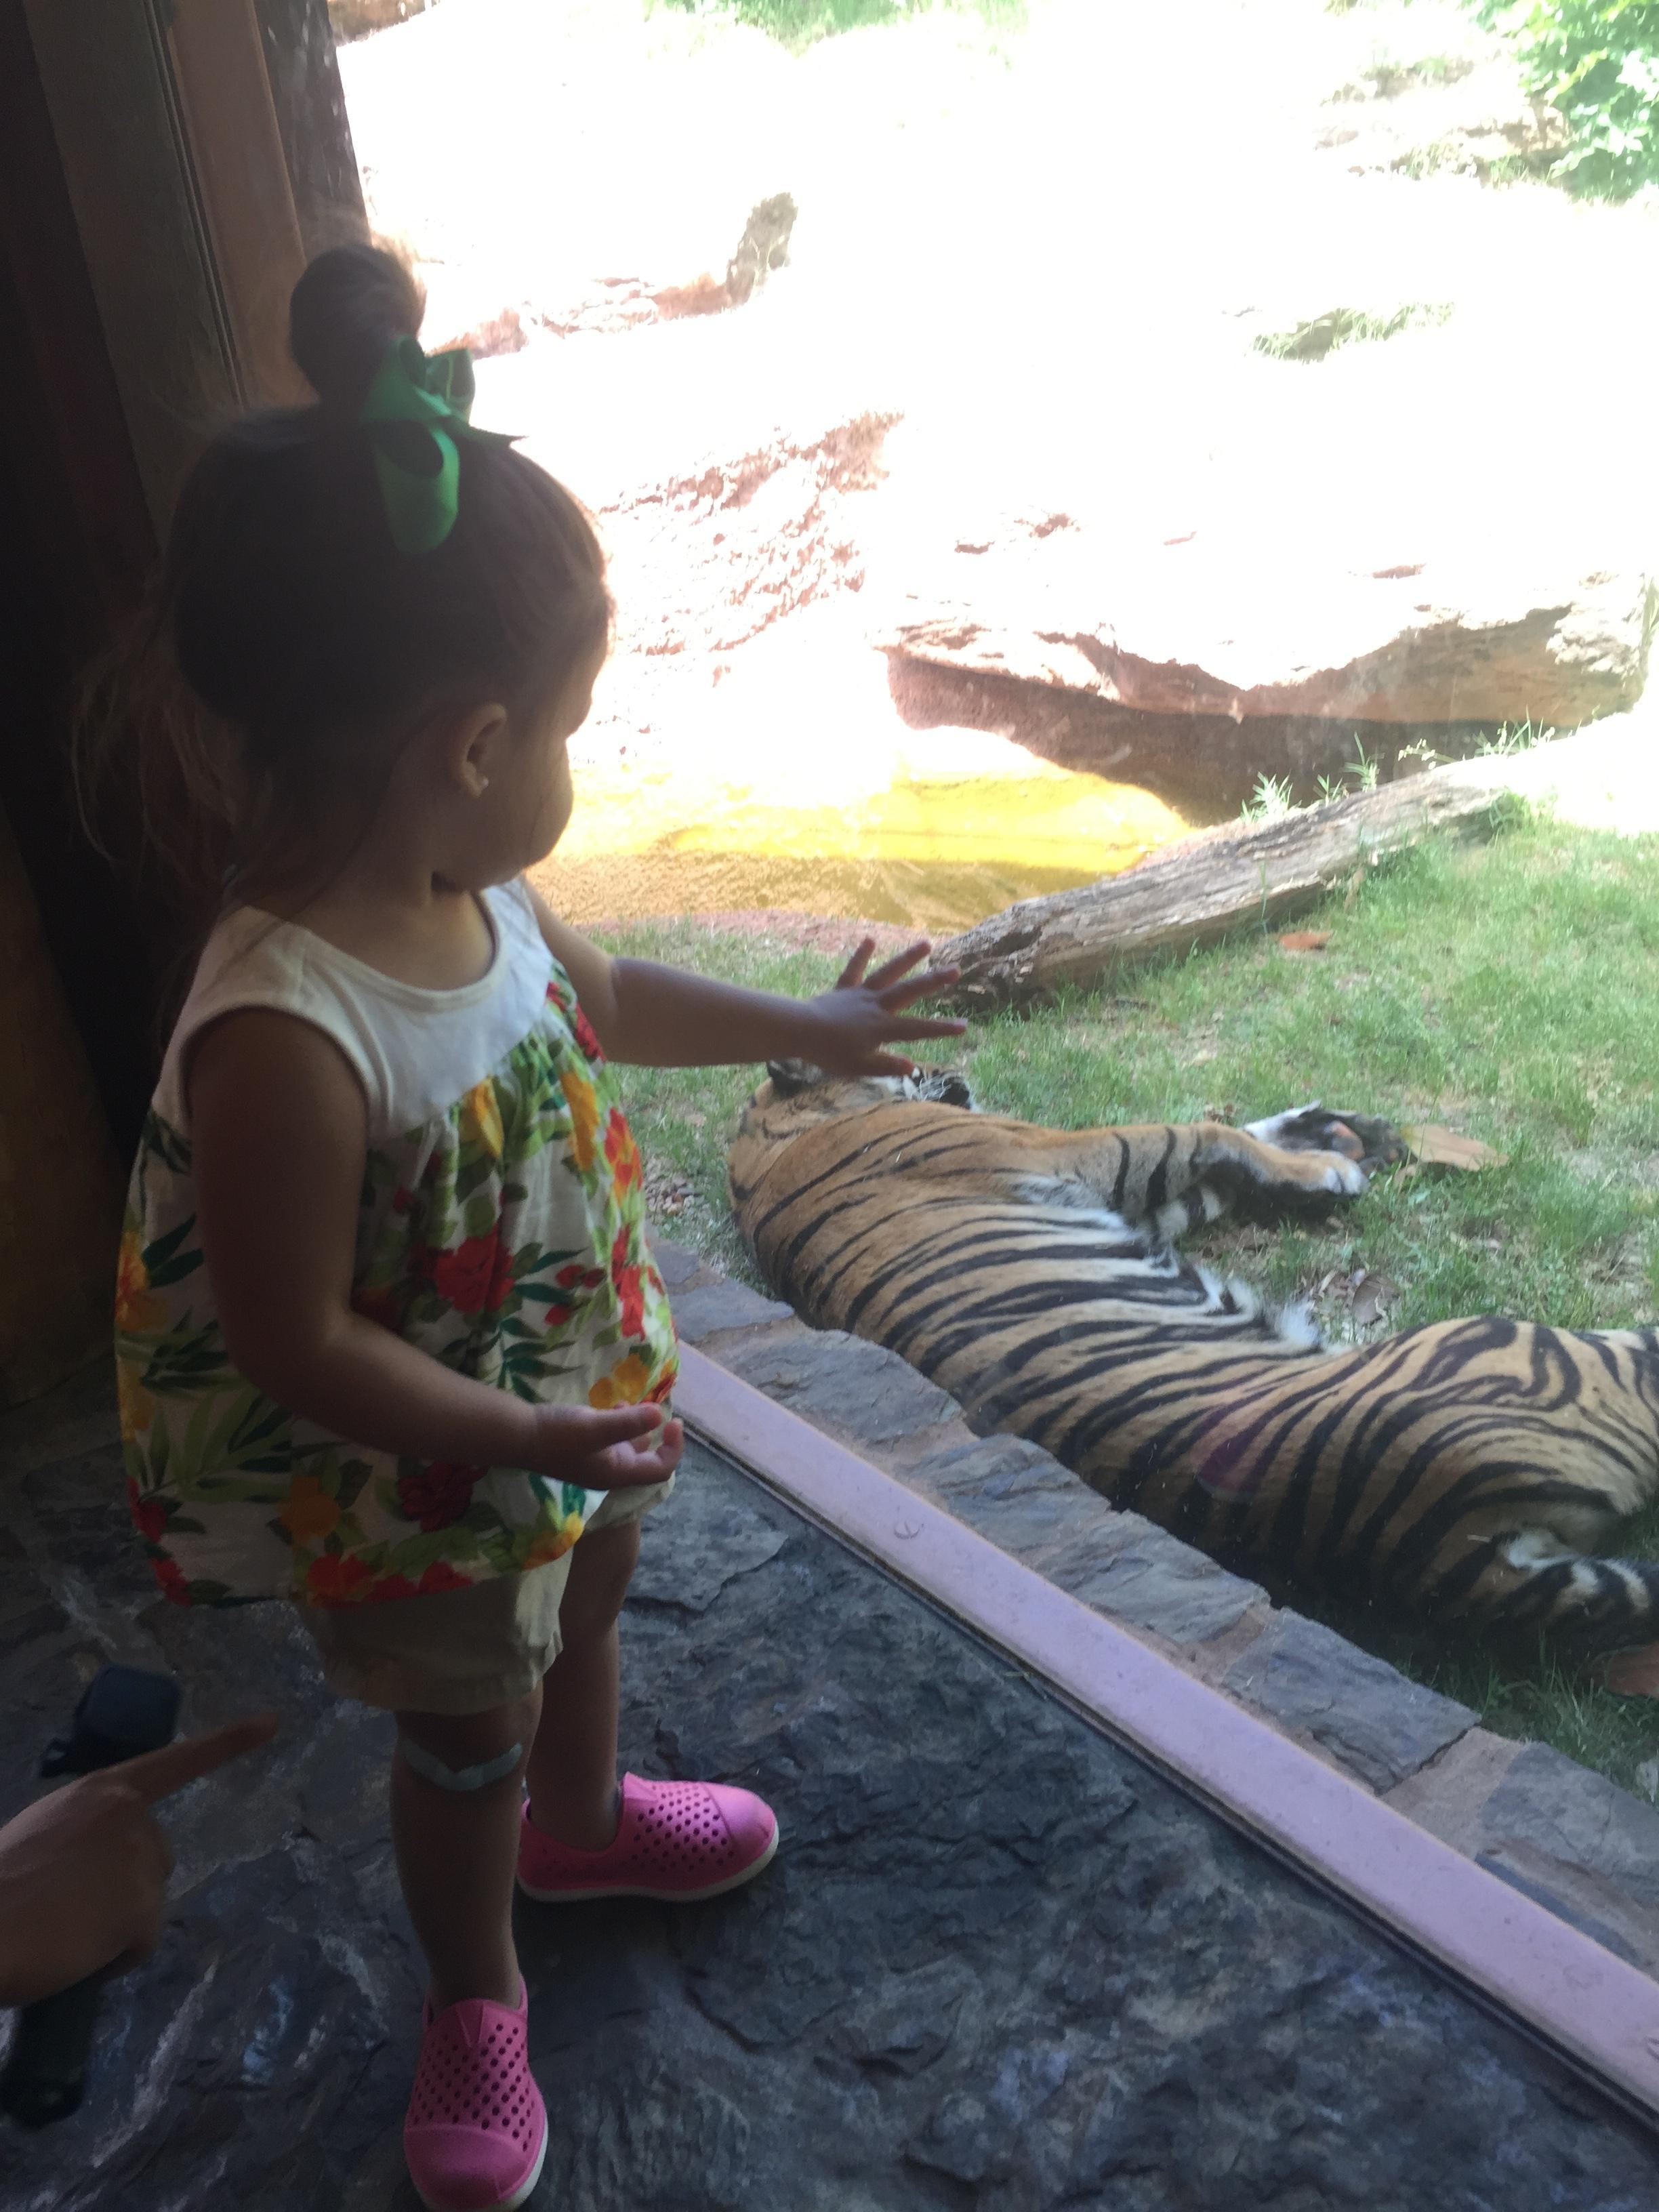 a tiger!